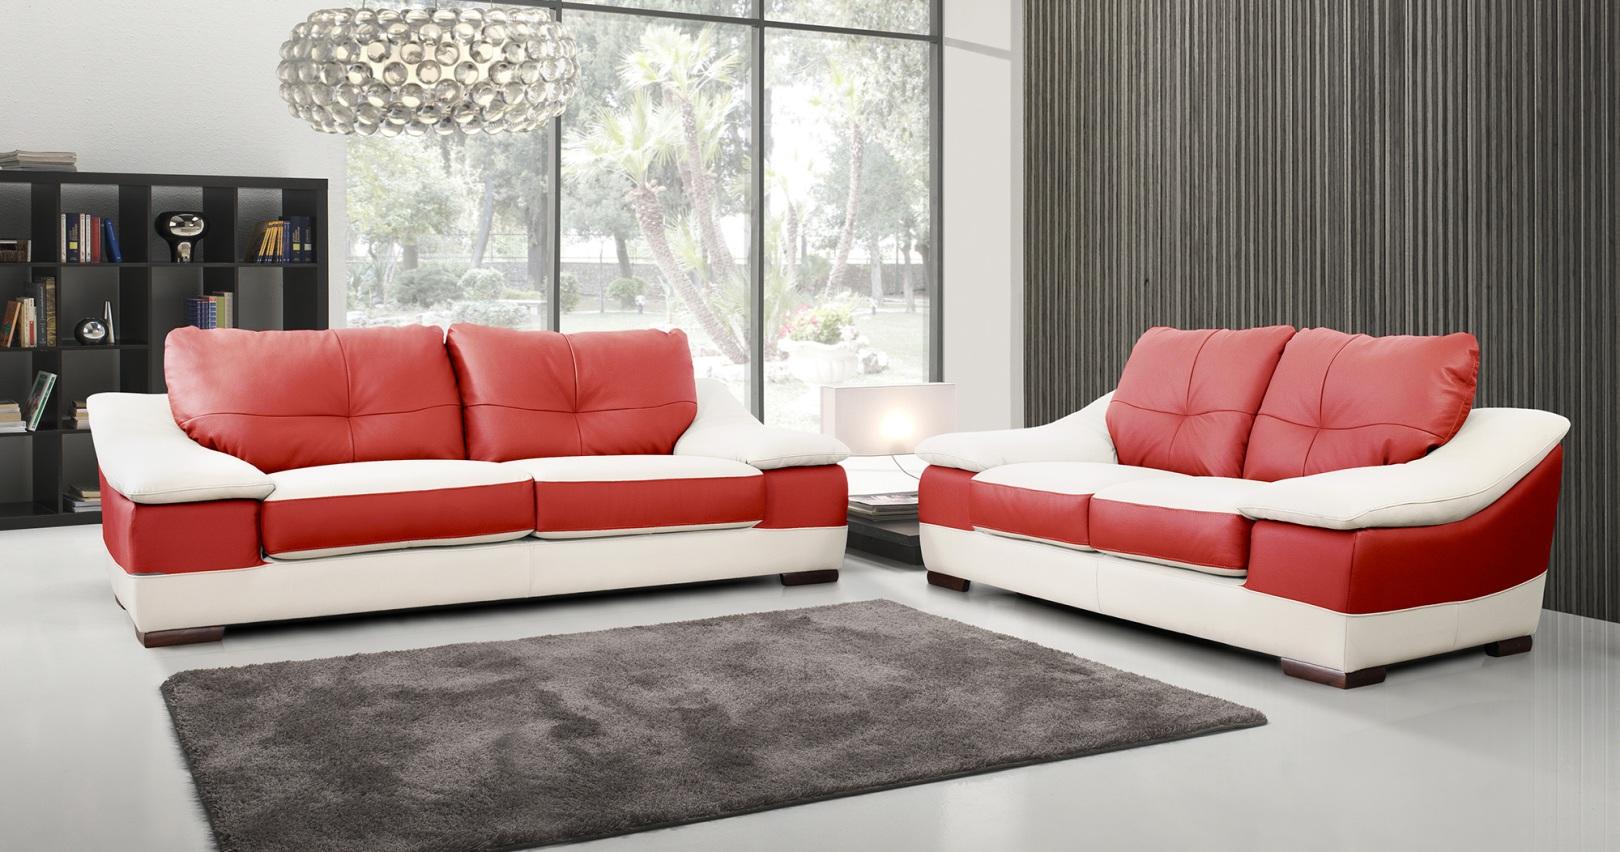 Ensemble salon contemporain 3 2 prosper cuir bicolore - Salon contemporain design ...